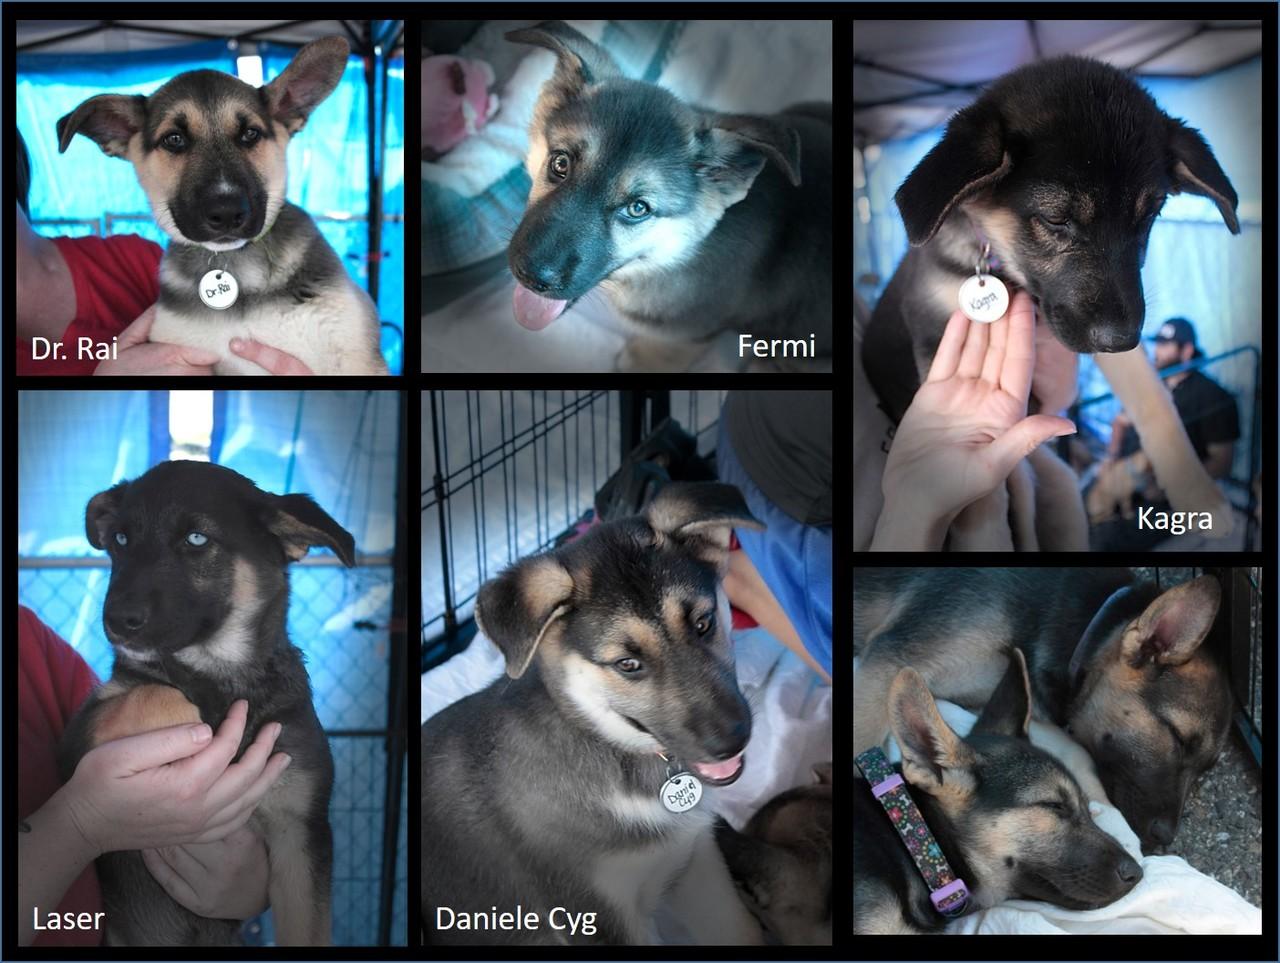 Bigger puppies collage 1